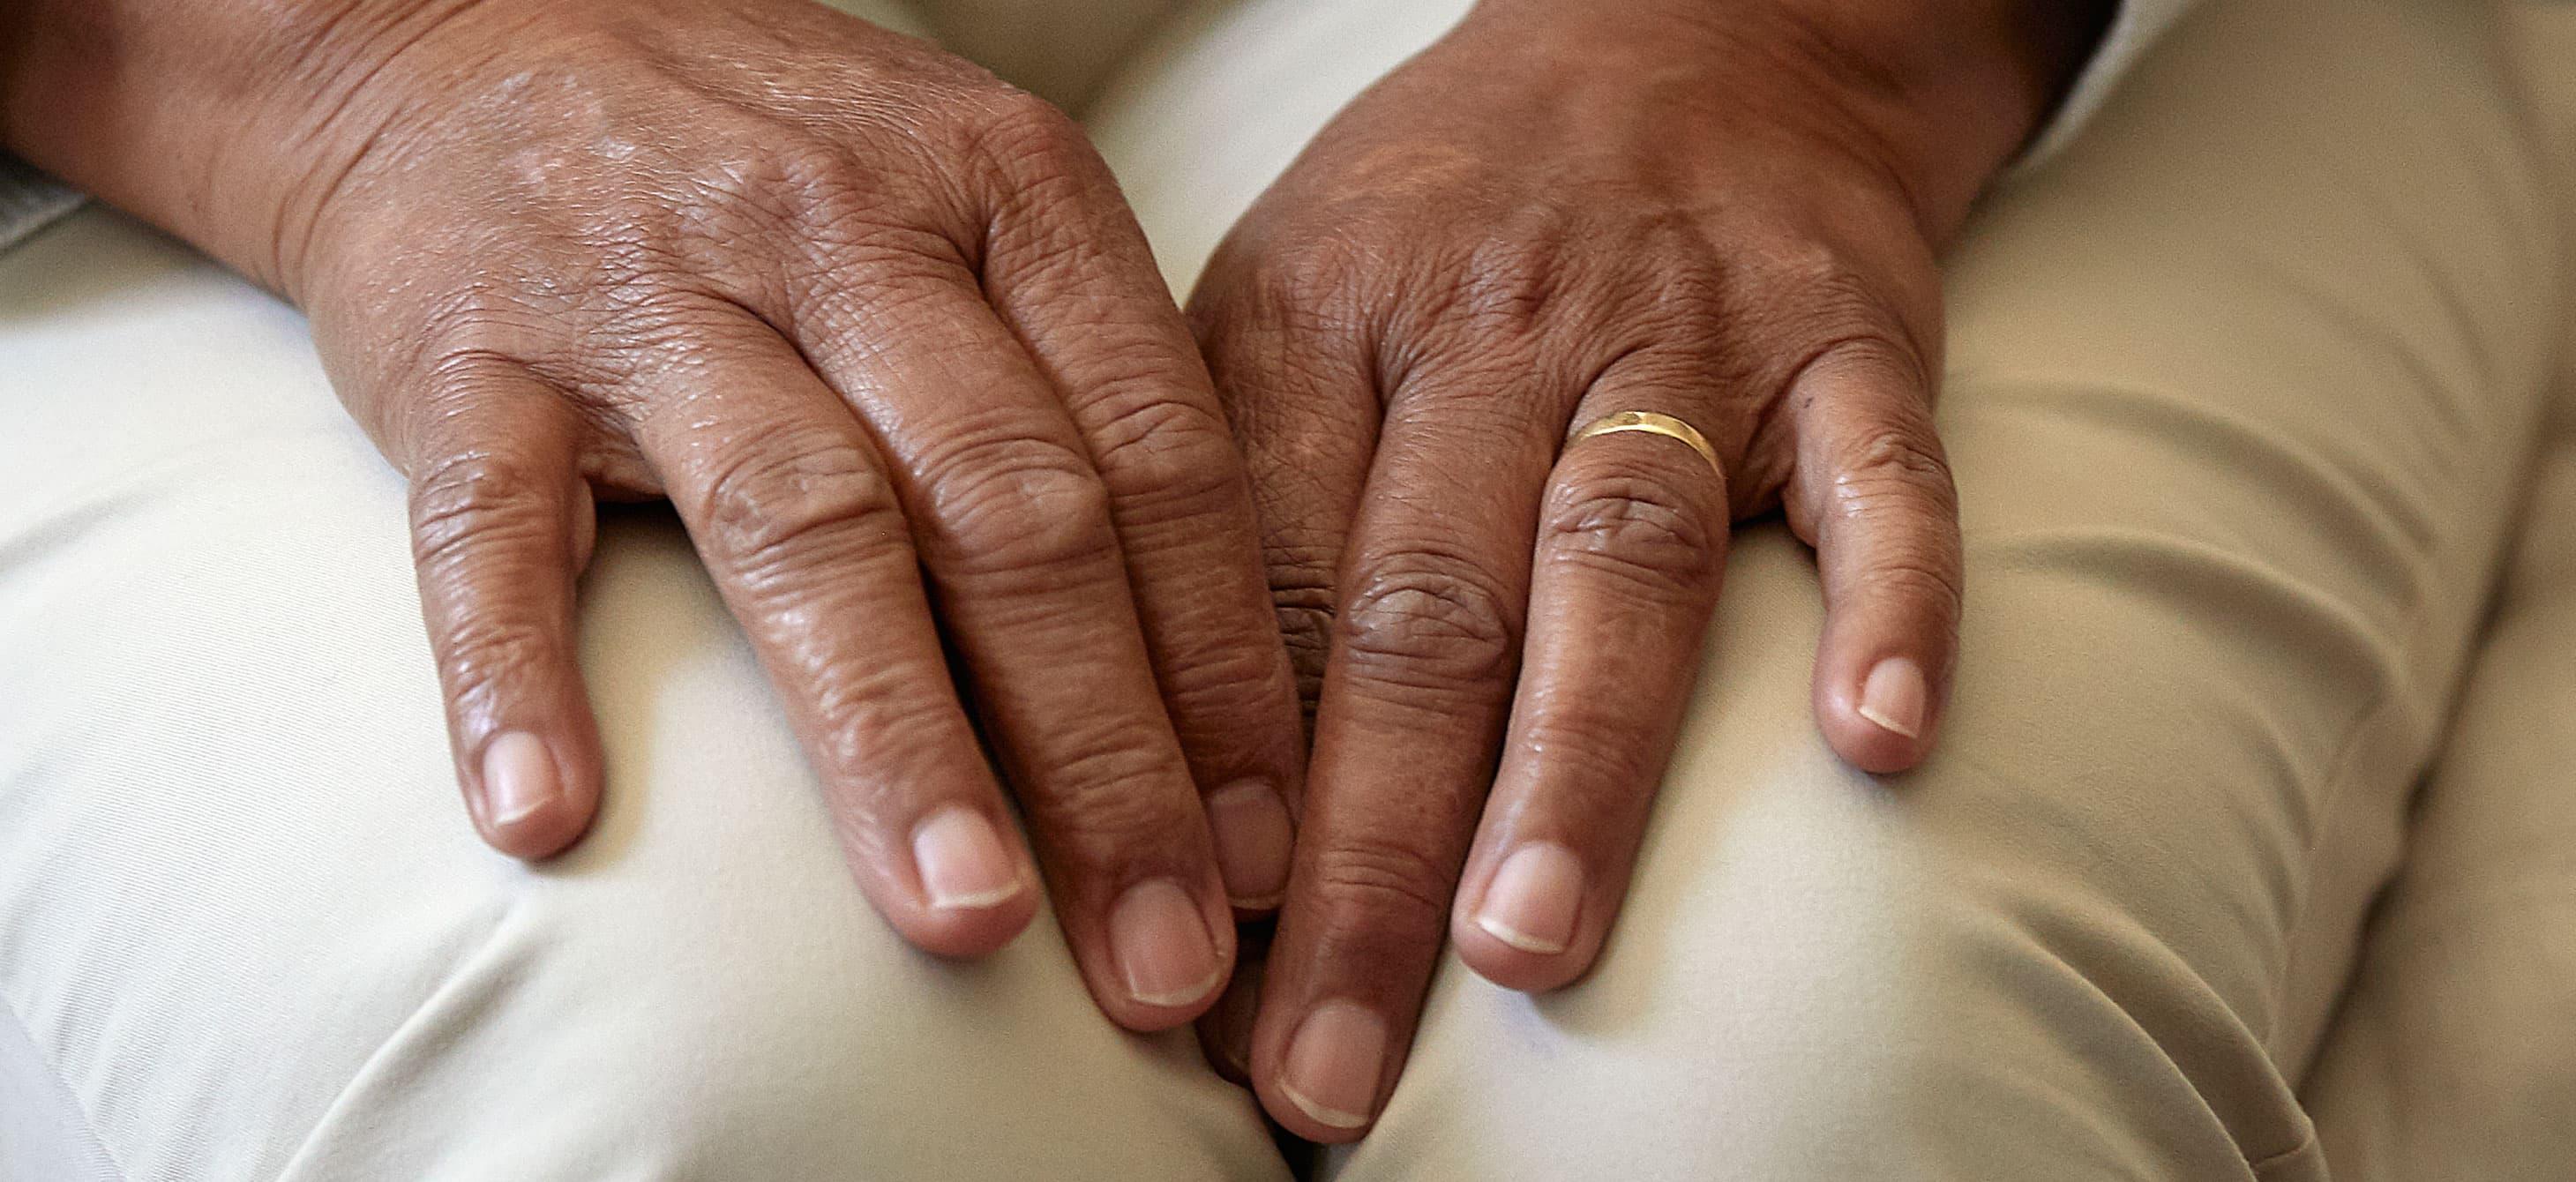 dark skinned hands